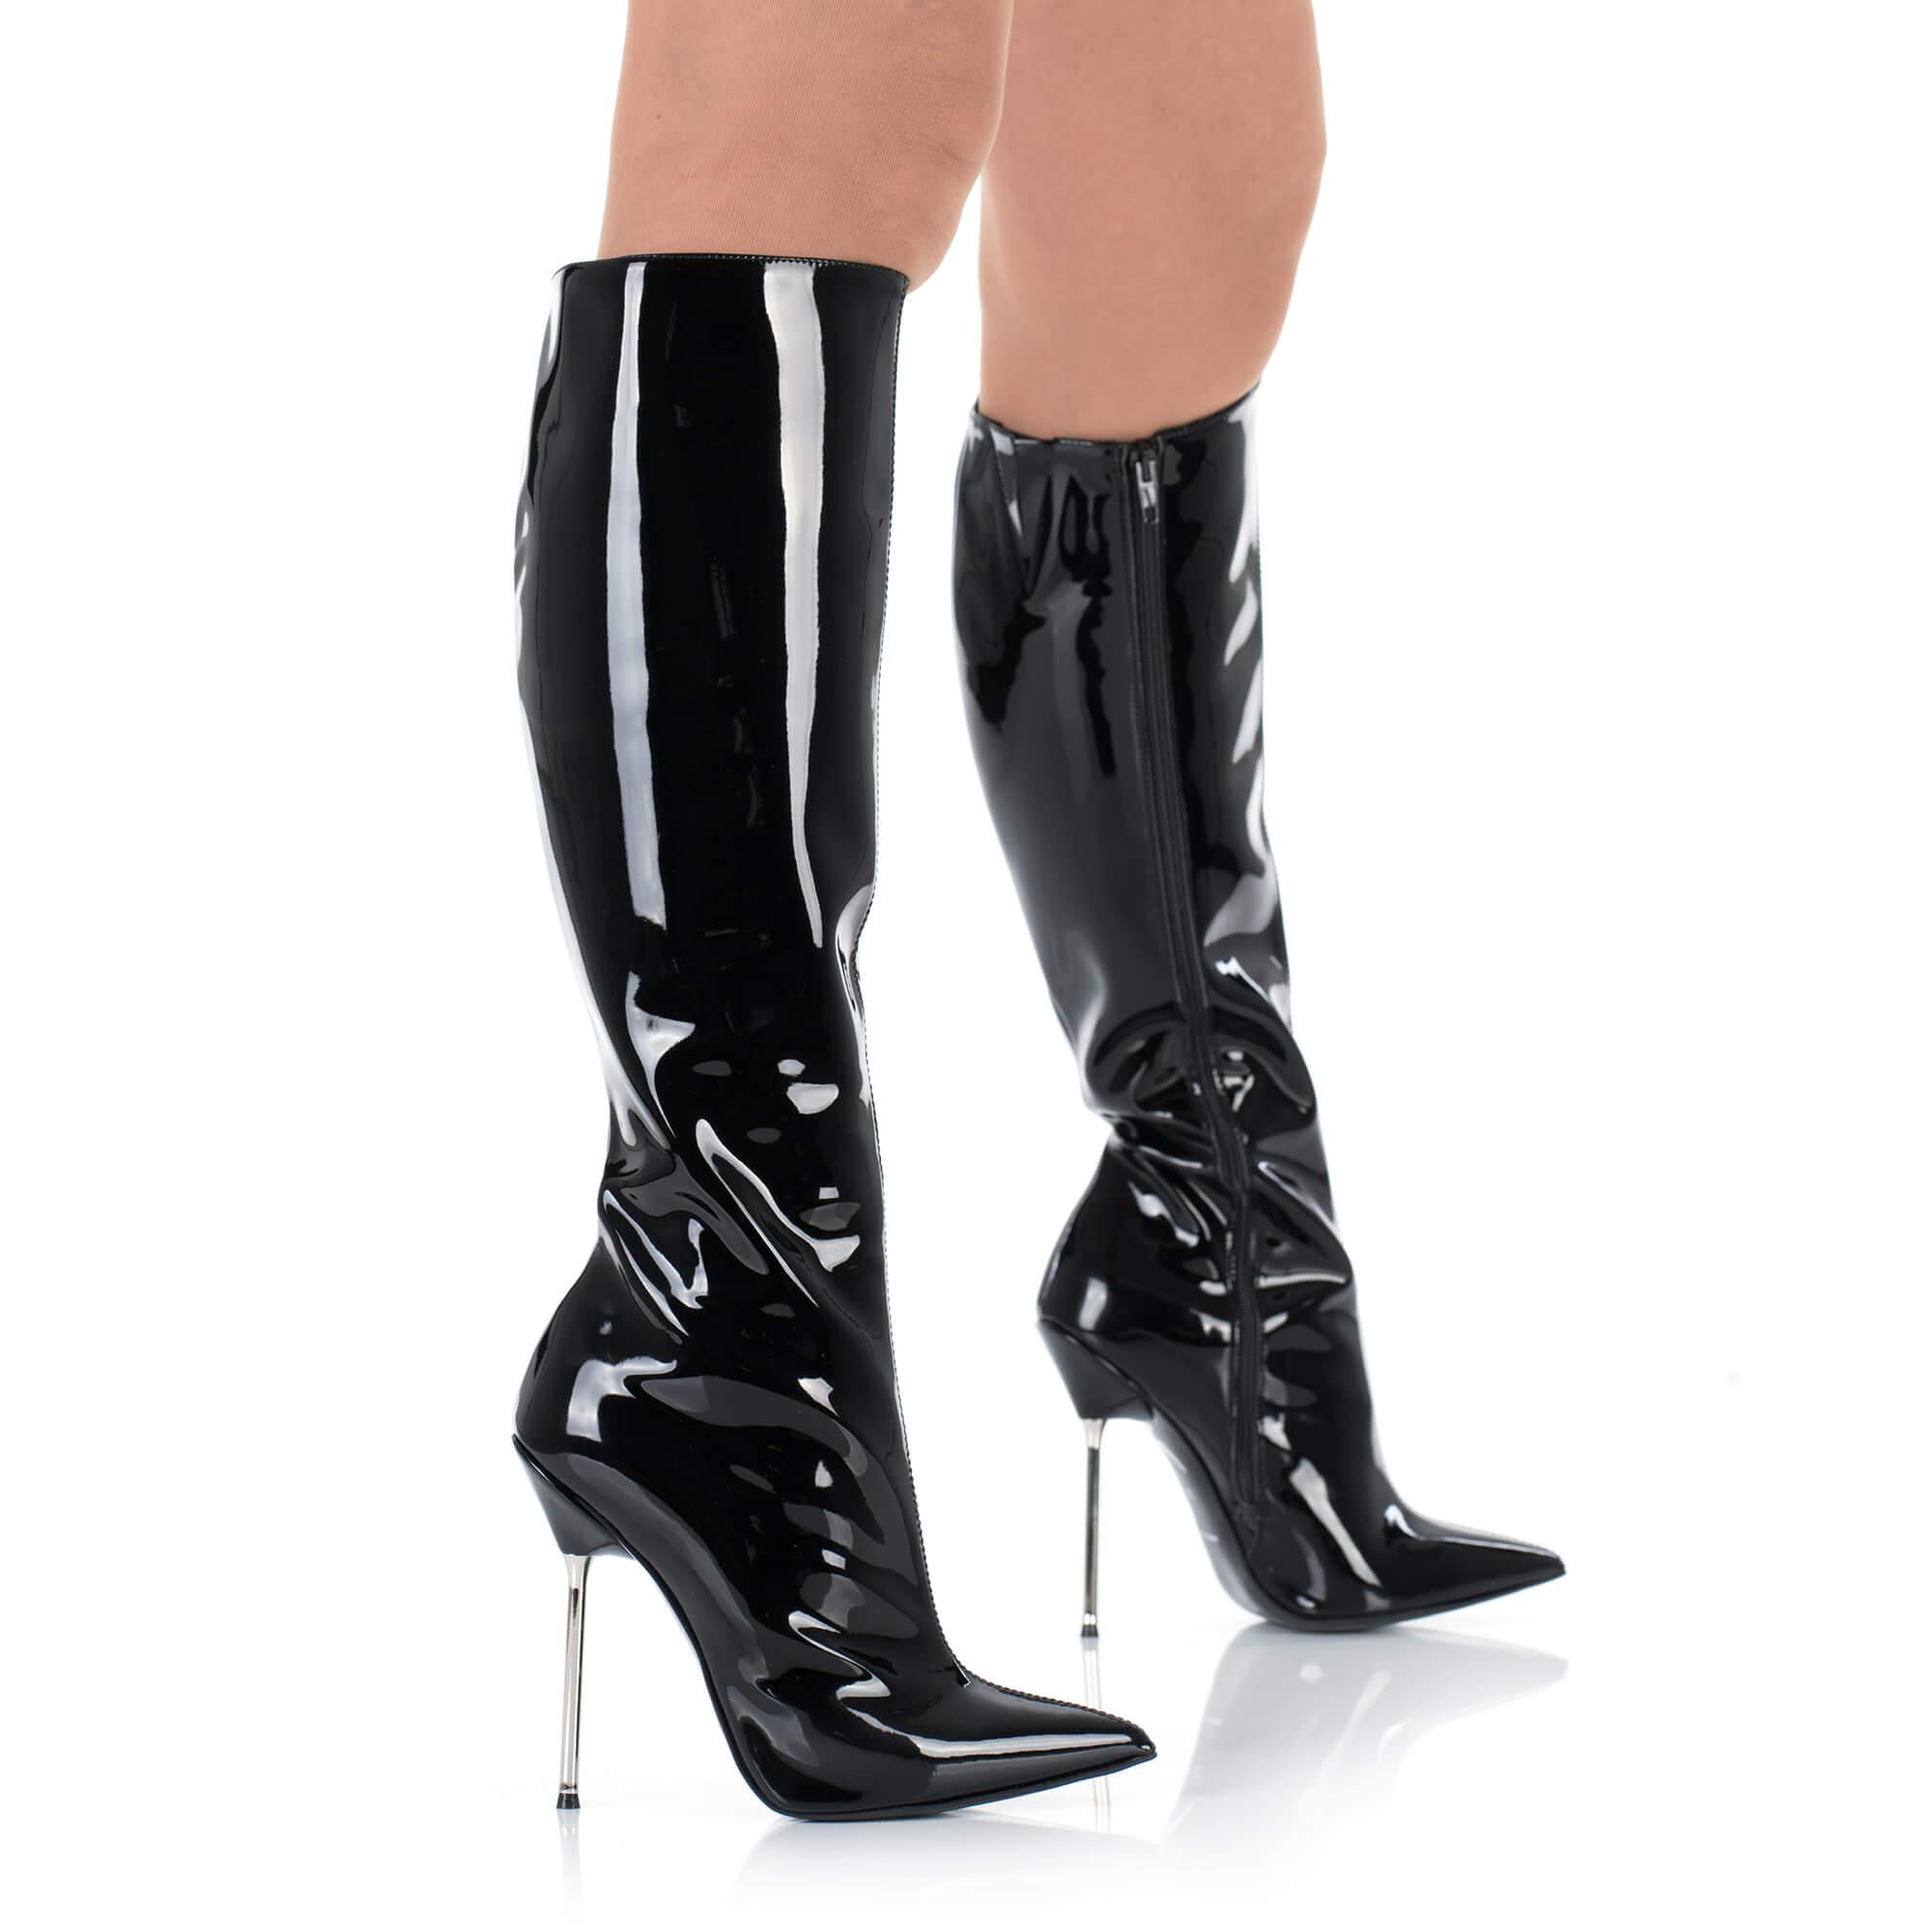 stiefel kunstleder  ballet  size 40-47  heel 21cm POLAND High heels